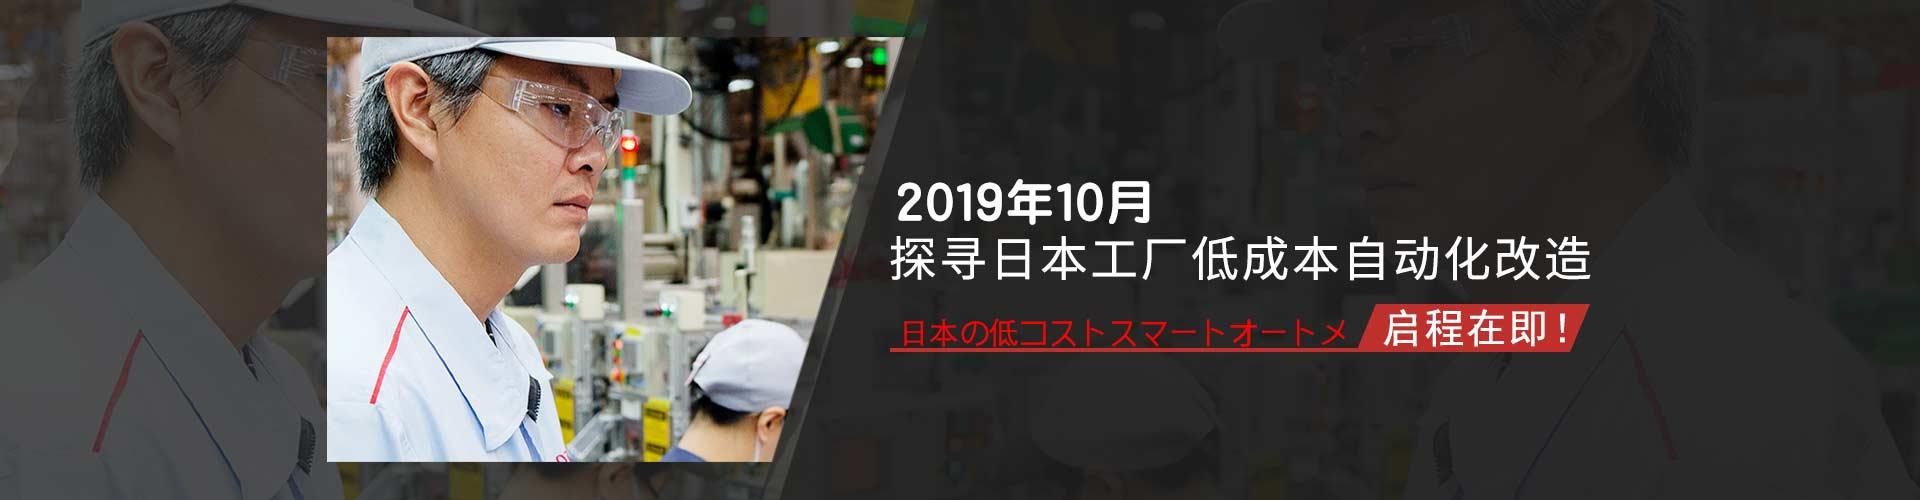 日本低成本智能自动化深度研修